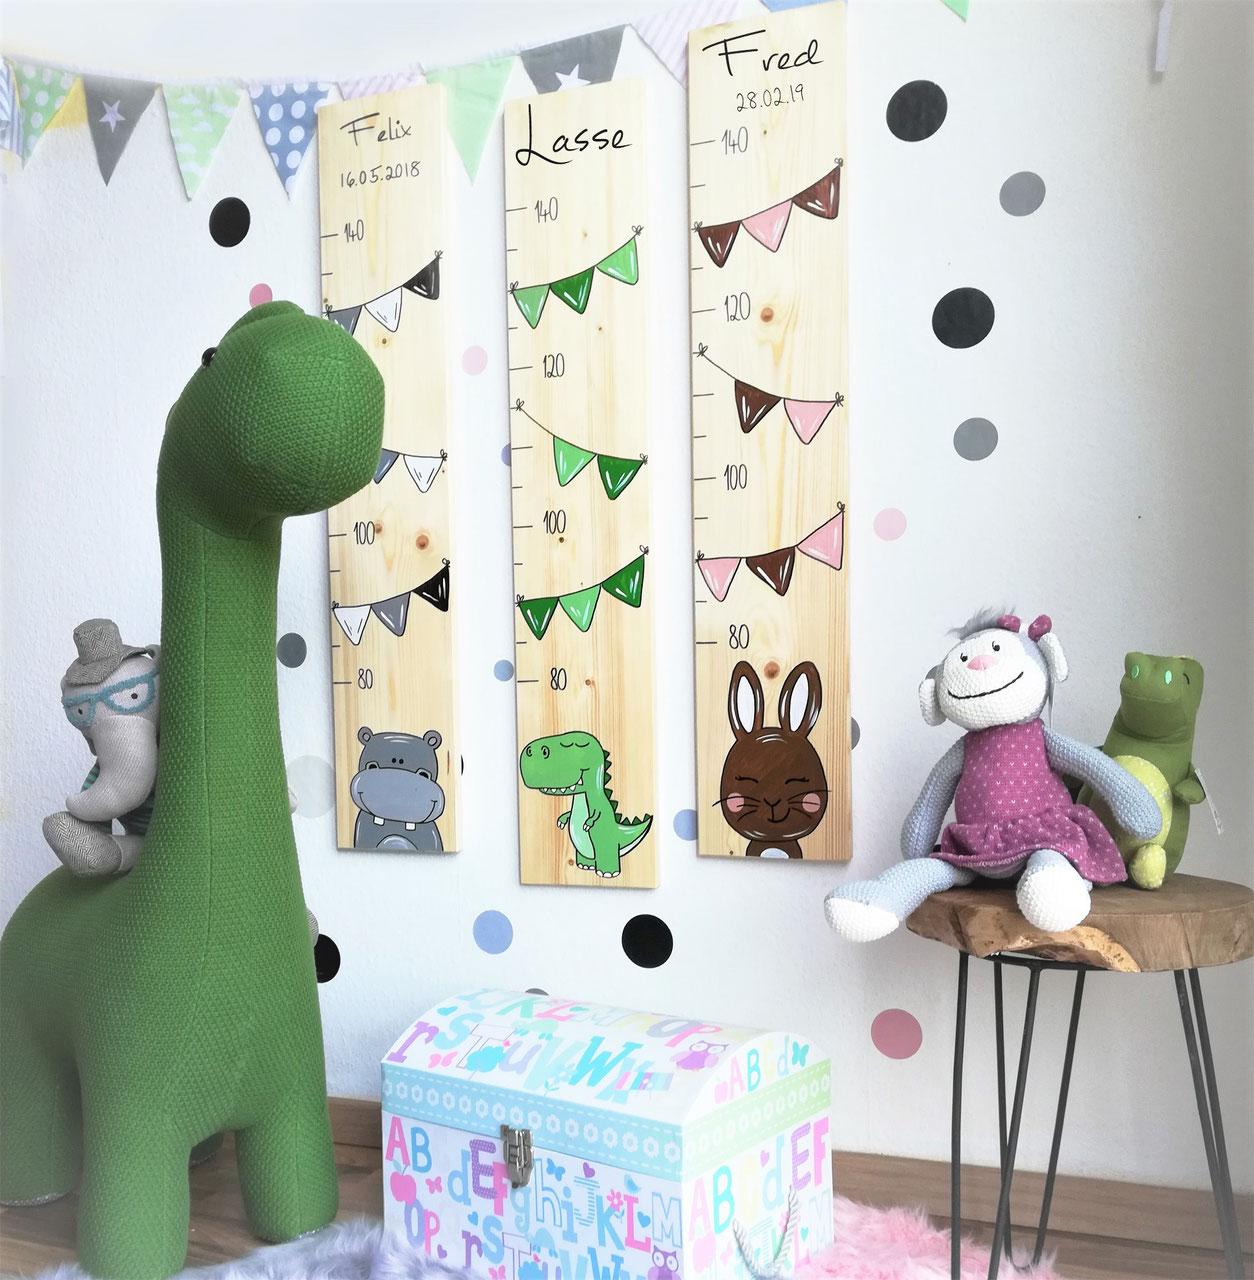 Full Size of Messlatten Kinderzimmer Frs Regale Regal Sofa Weiß Kinderzimmer Messlatte Kinderzimmer